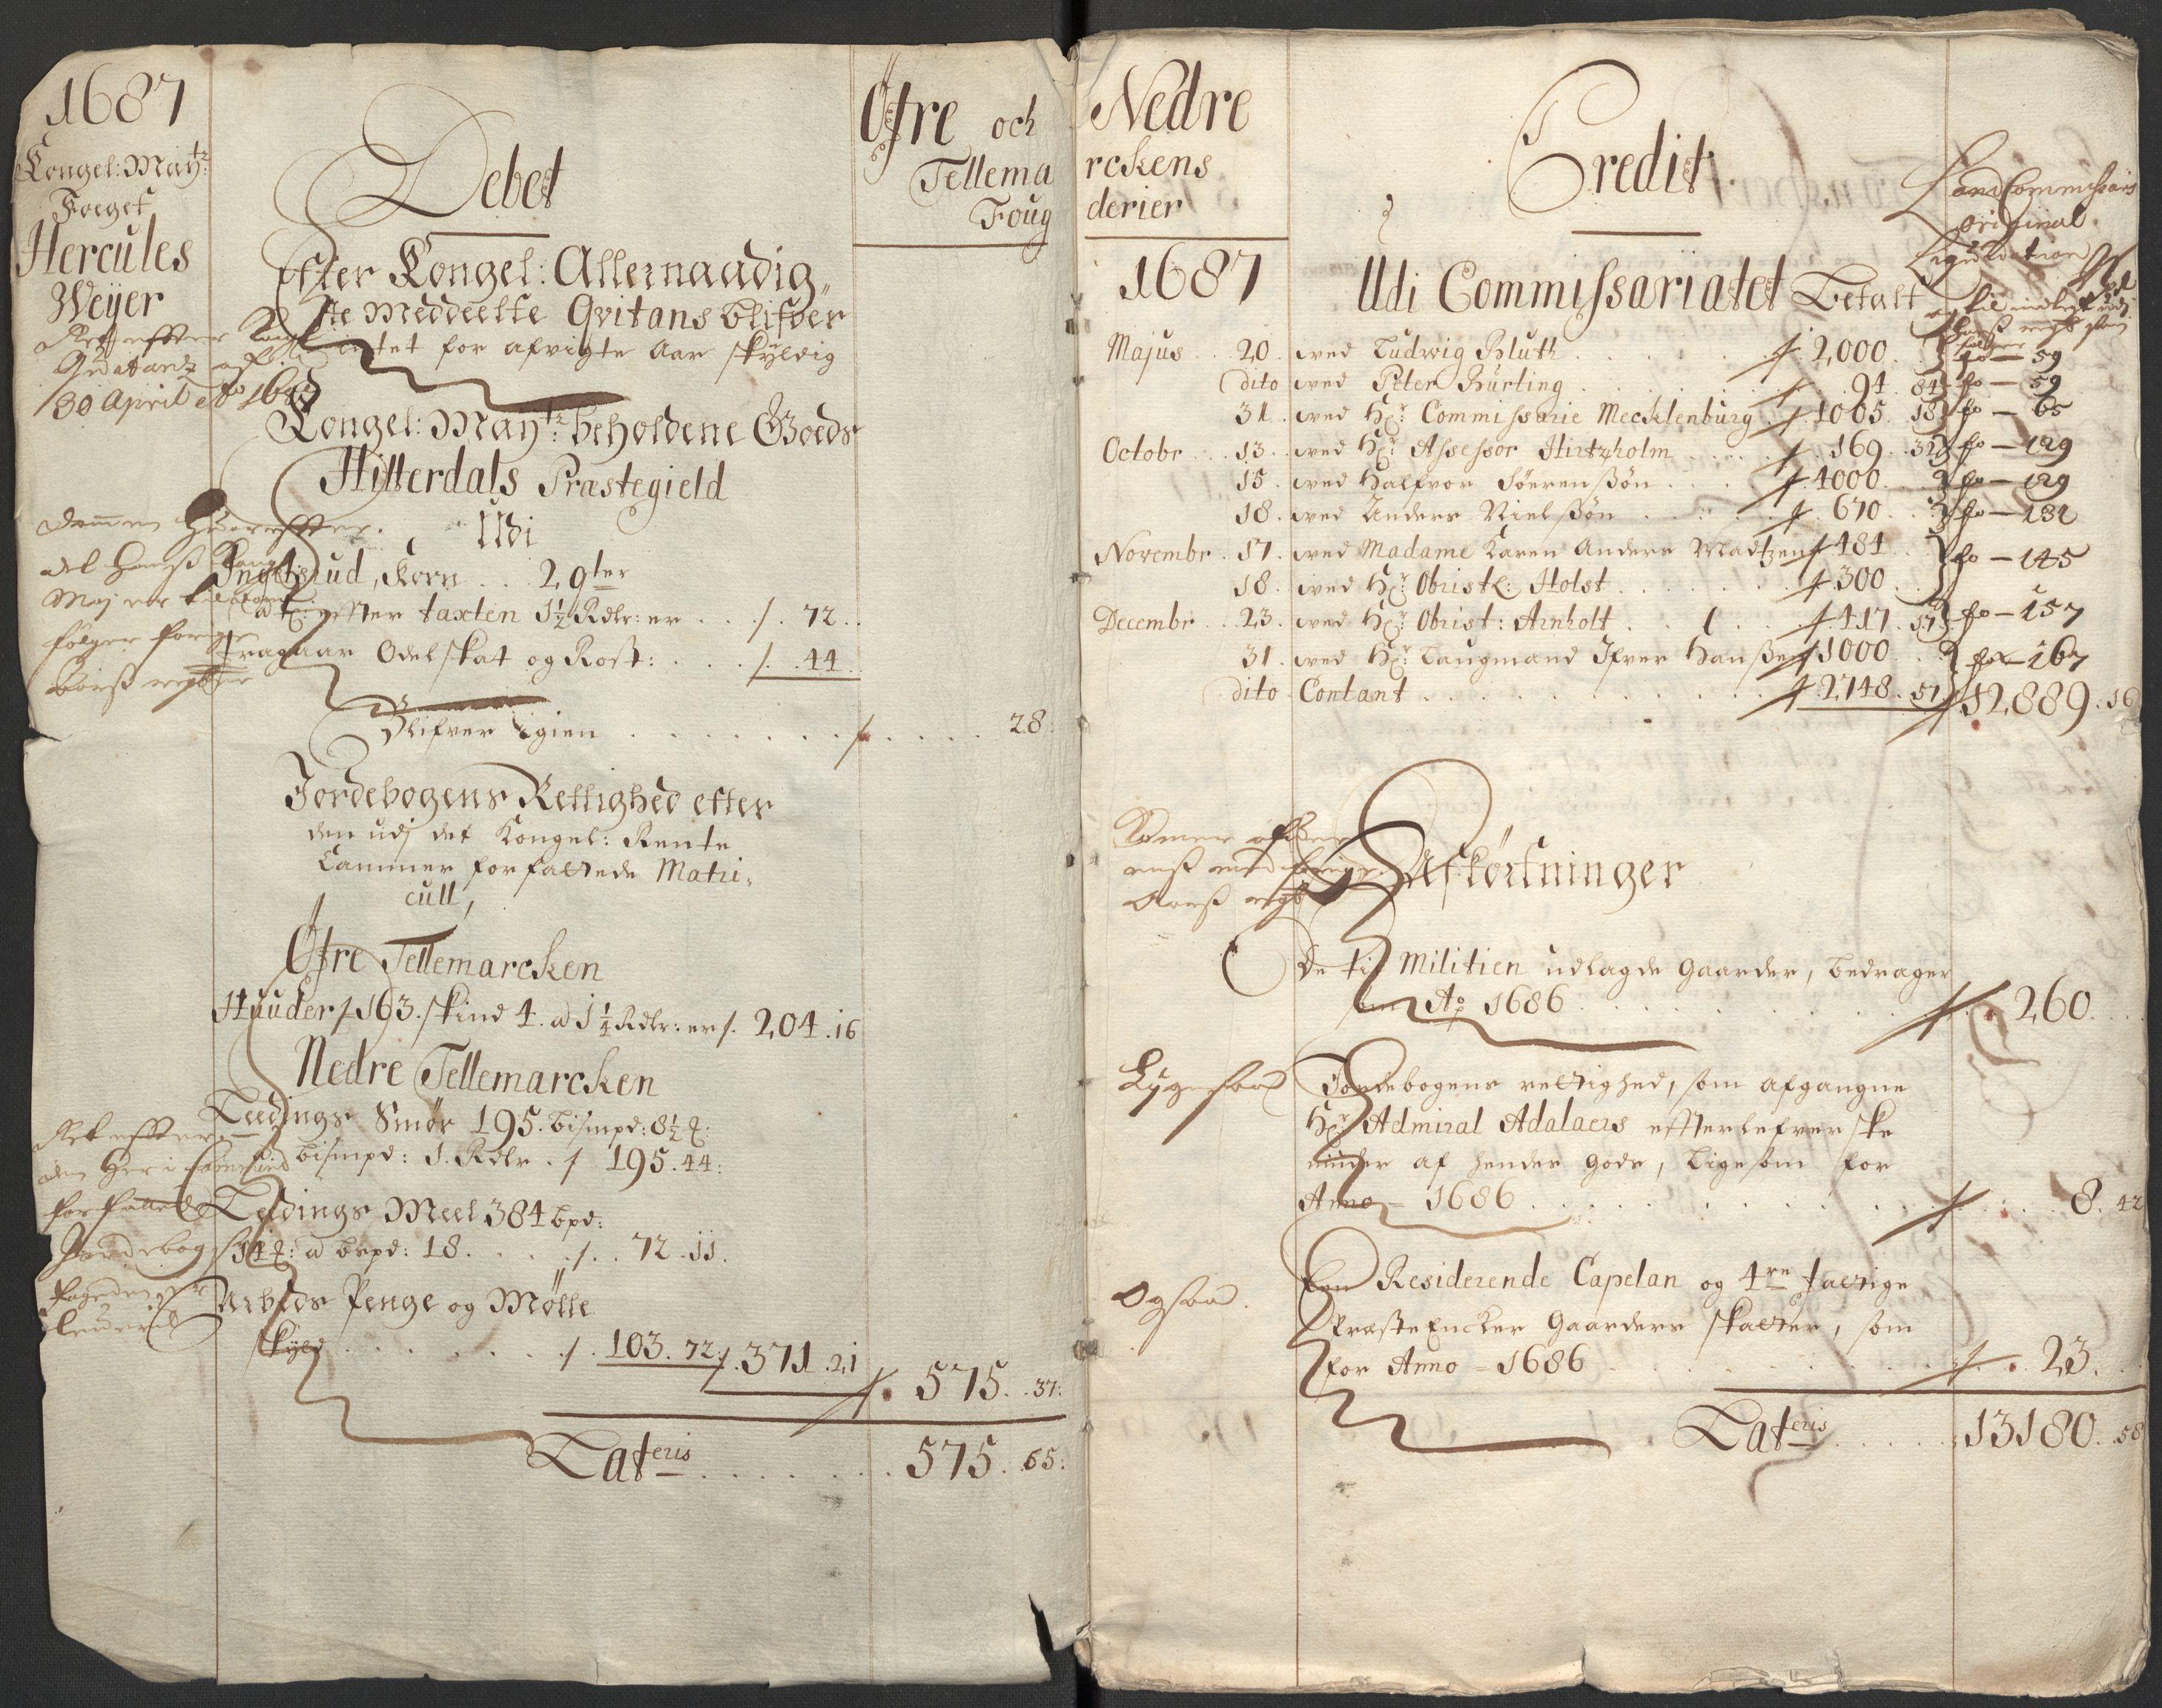 RA, Rentekammeret inntil 1814, Reviderte regnskaper, Fogderegnskap, R35/L2086: Fogderegnskap Øvre og Nedre Telemark, 1687-1689, s. 4